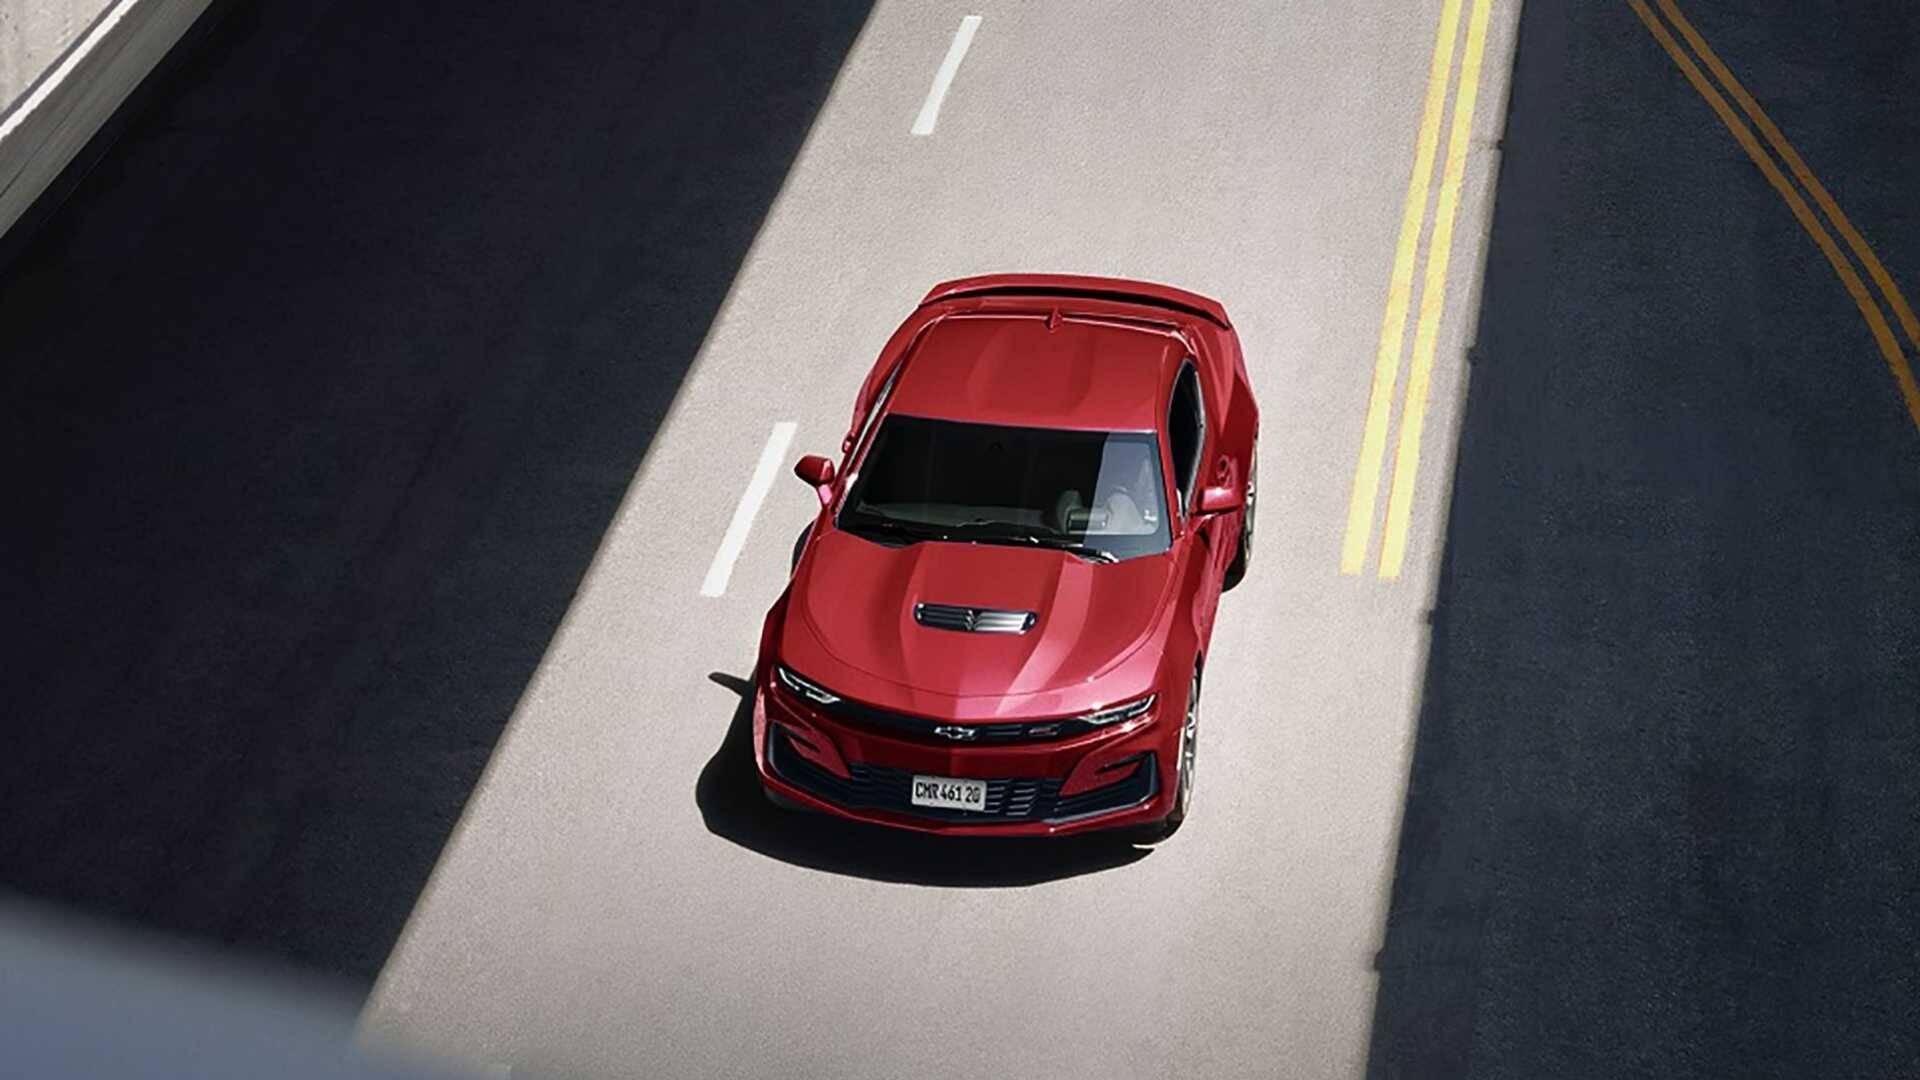 Chevrolet Camaro 2021. Foto: Divulgação